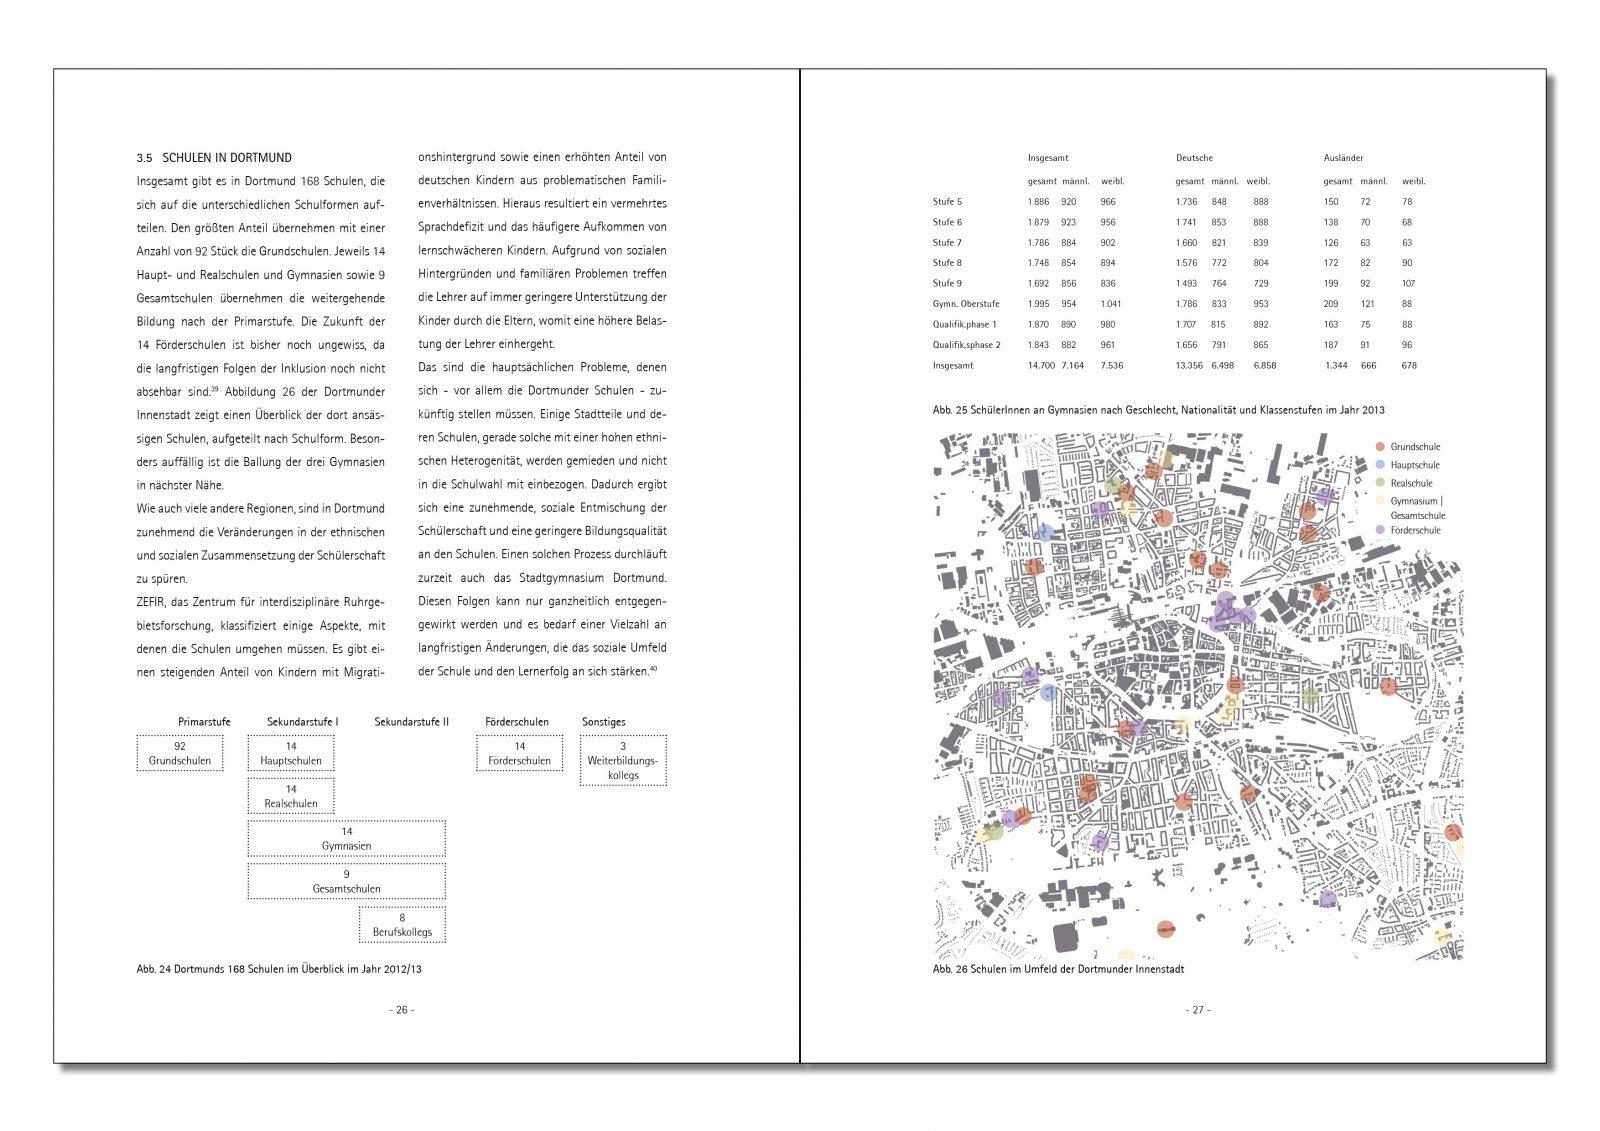 Publikation Beispielseite Master-Thesis zum Stadtgymnasium in Dortmund